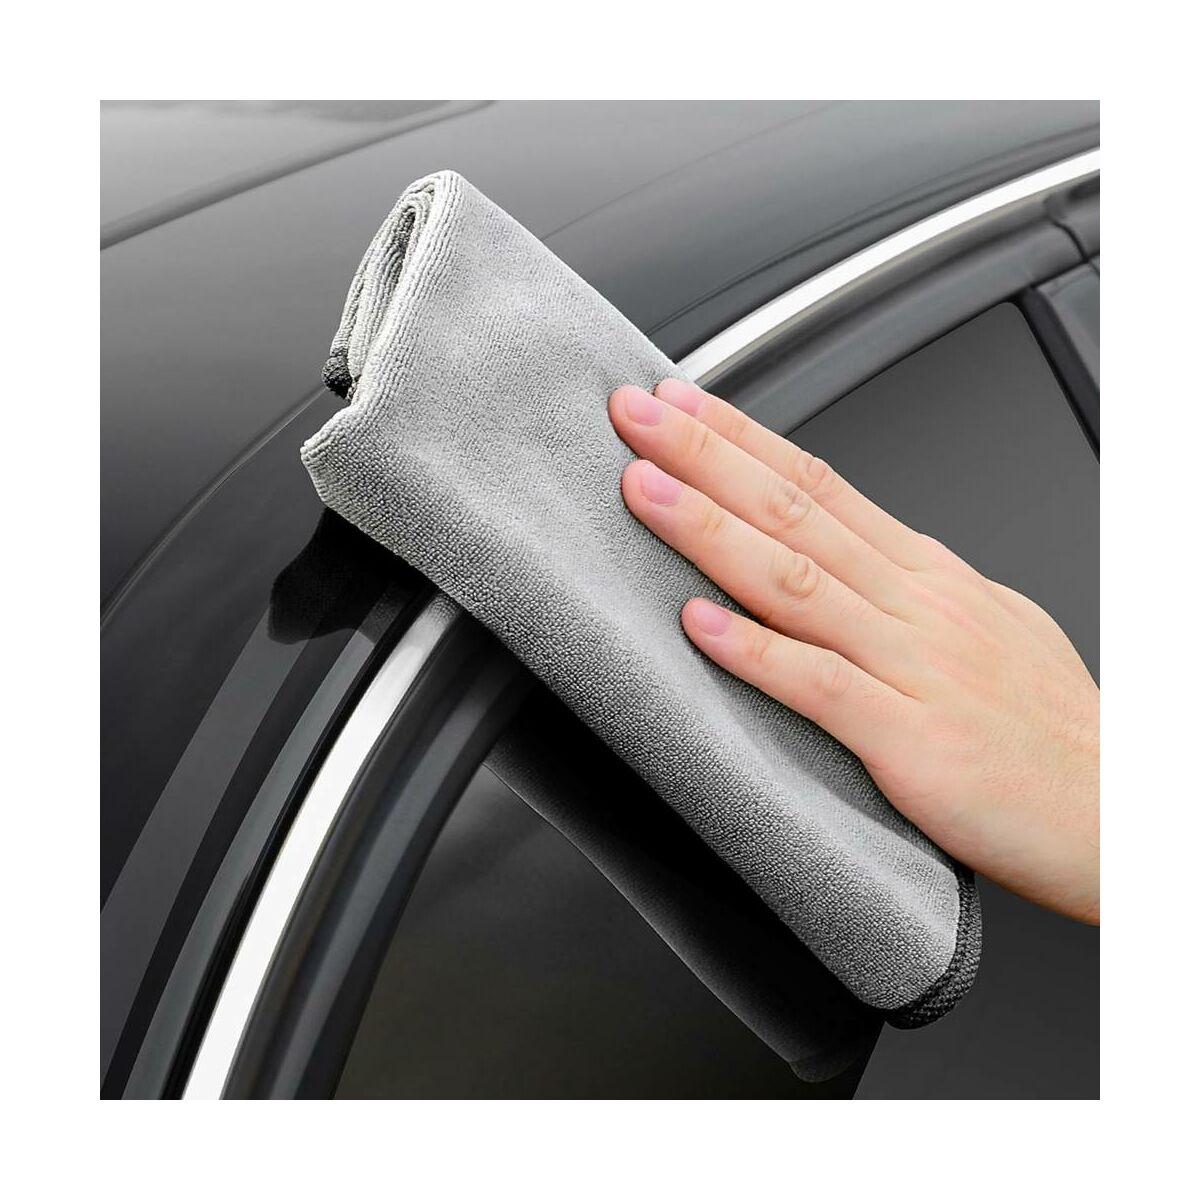 Baseus autós kiegészítő, Life mikroszálas törölköző autó mosás utáni tisztításhoz (40*80mm) szürke (CRXCMJ-A0G)